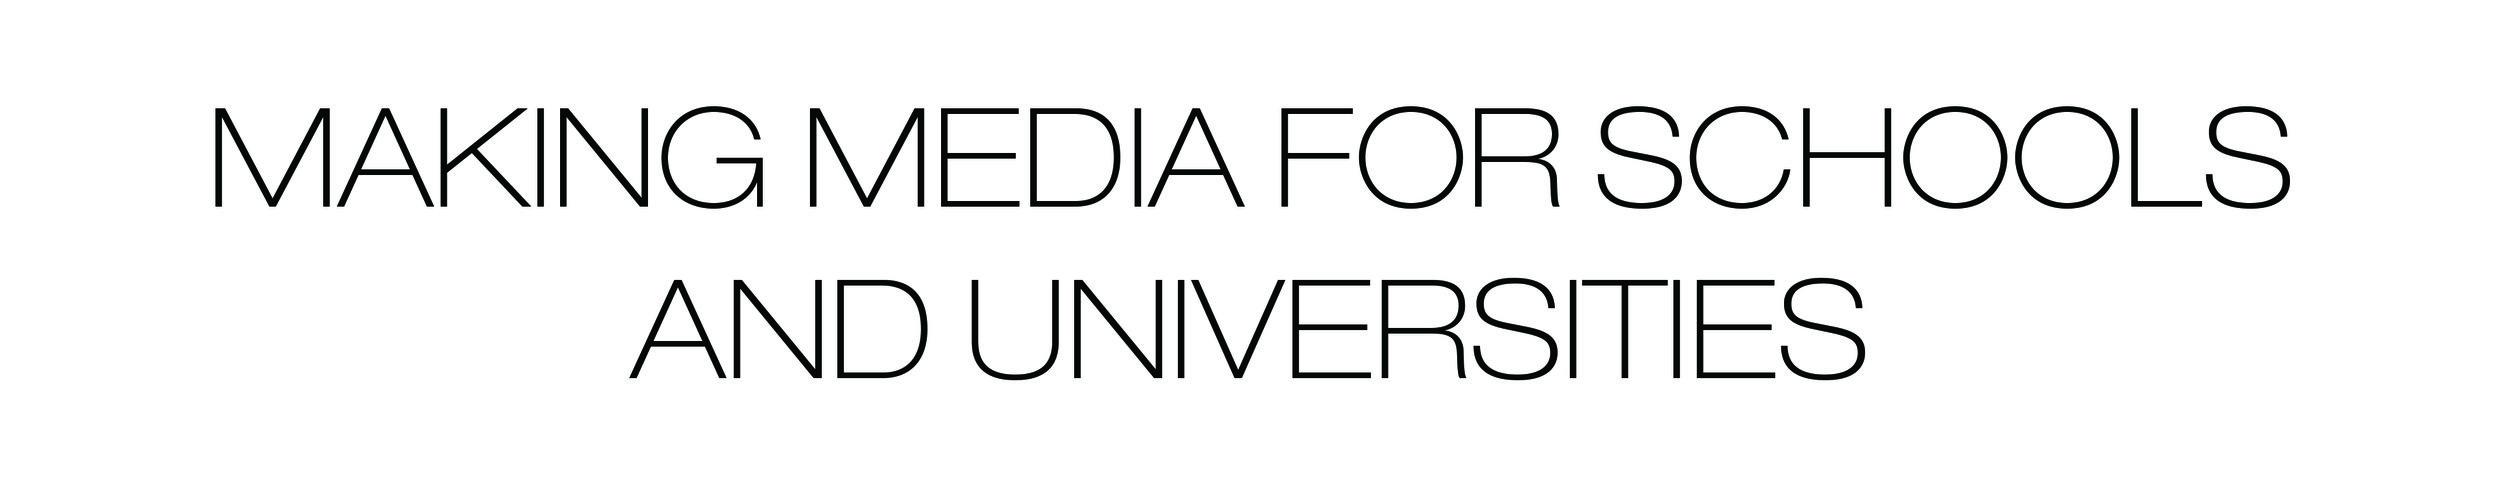 Education title for website.jpg